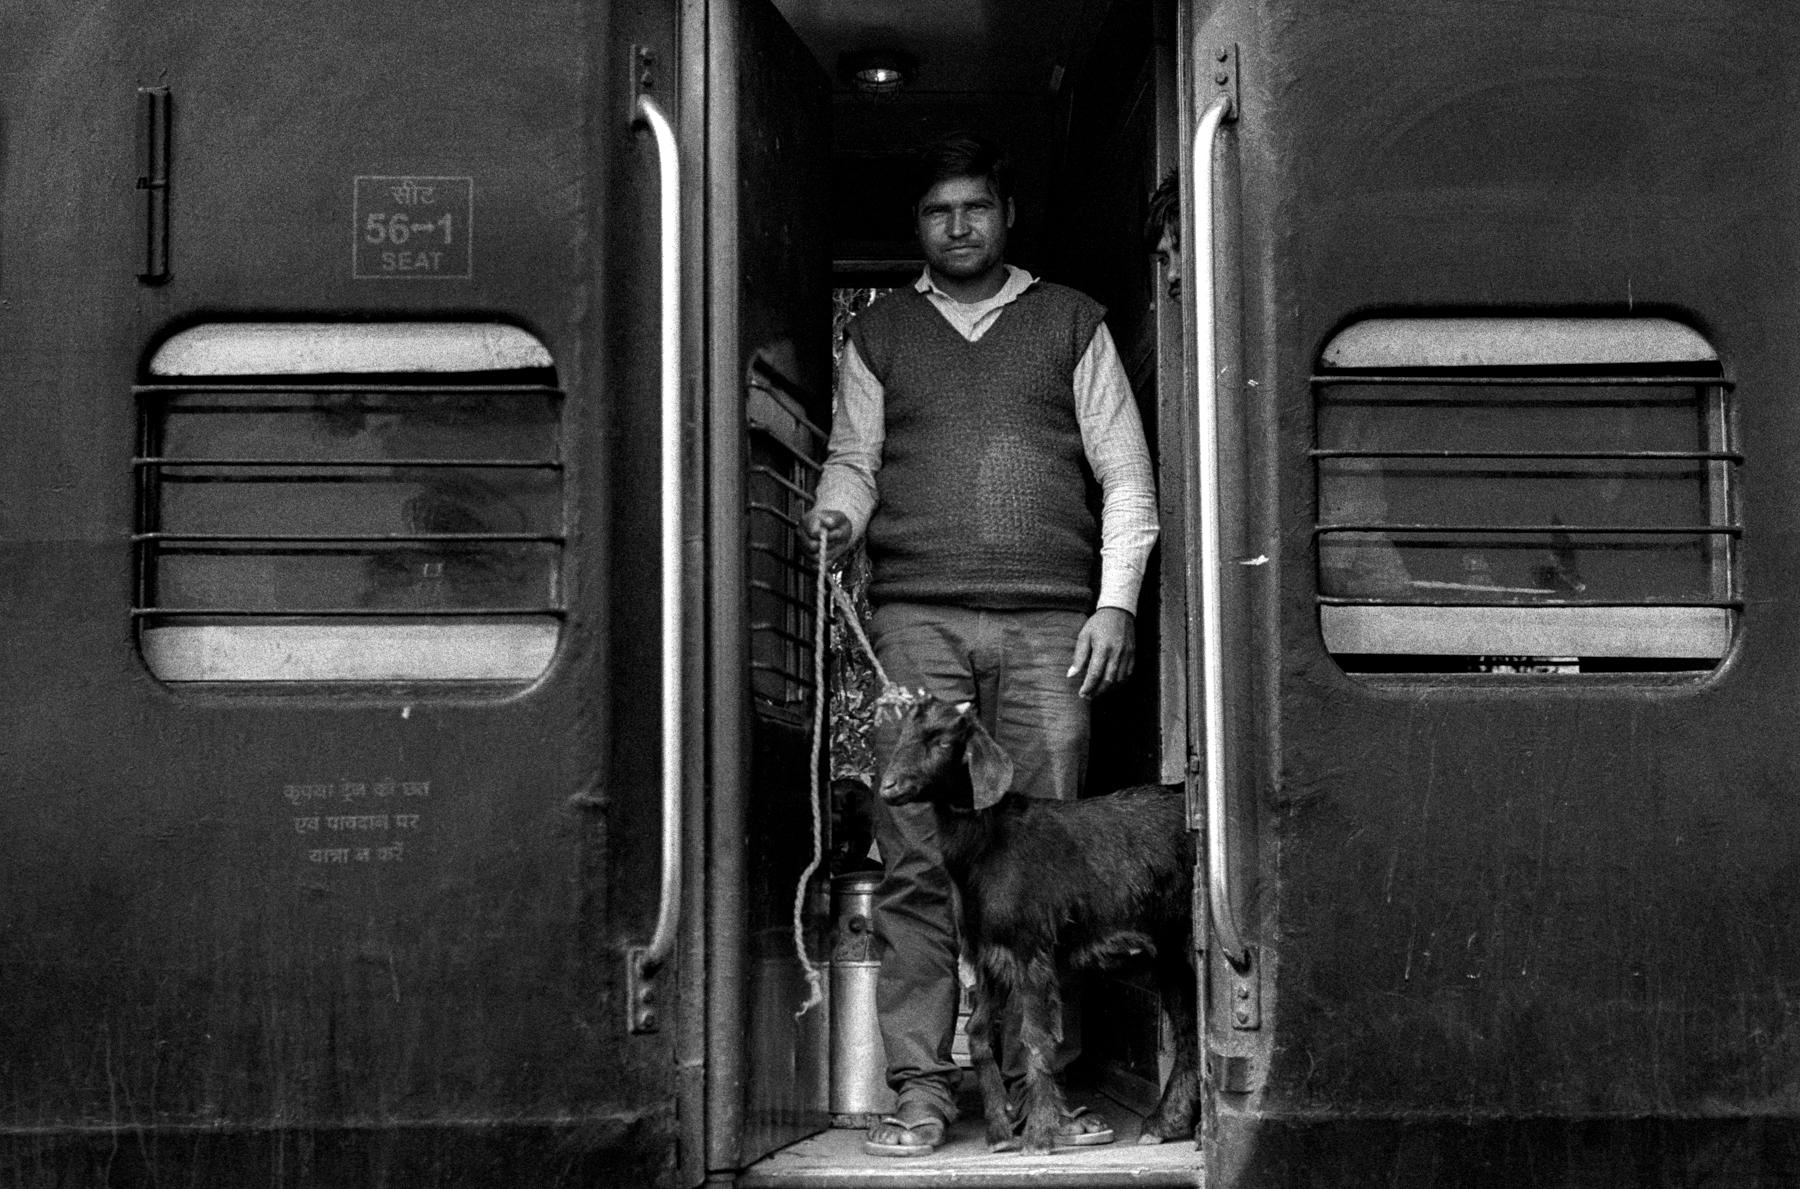 Goat and man in doorway (Pic: Nandakumar Narasimhan)